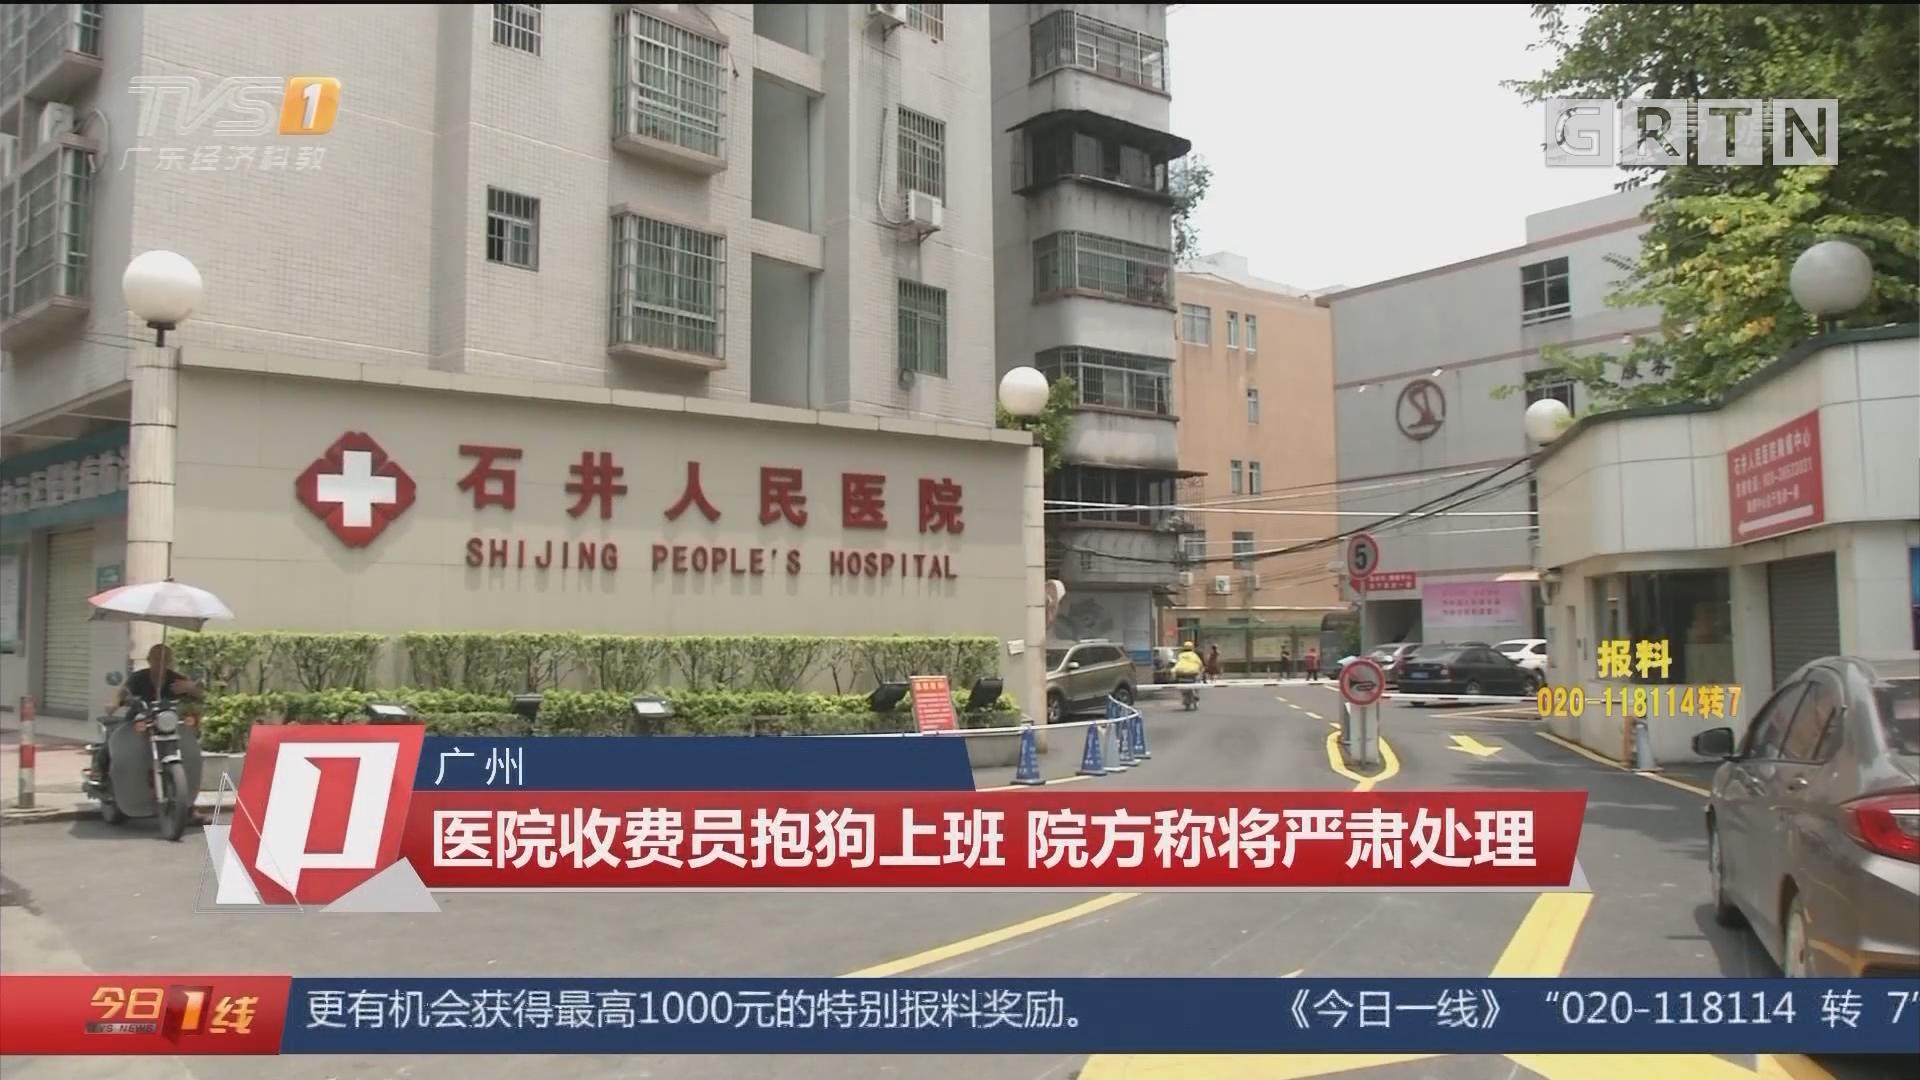 广州:医院收费员抱狗上班 院方称将严肃处理